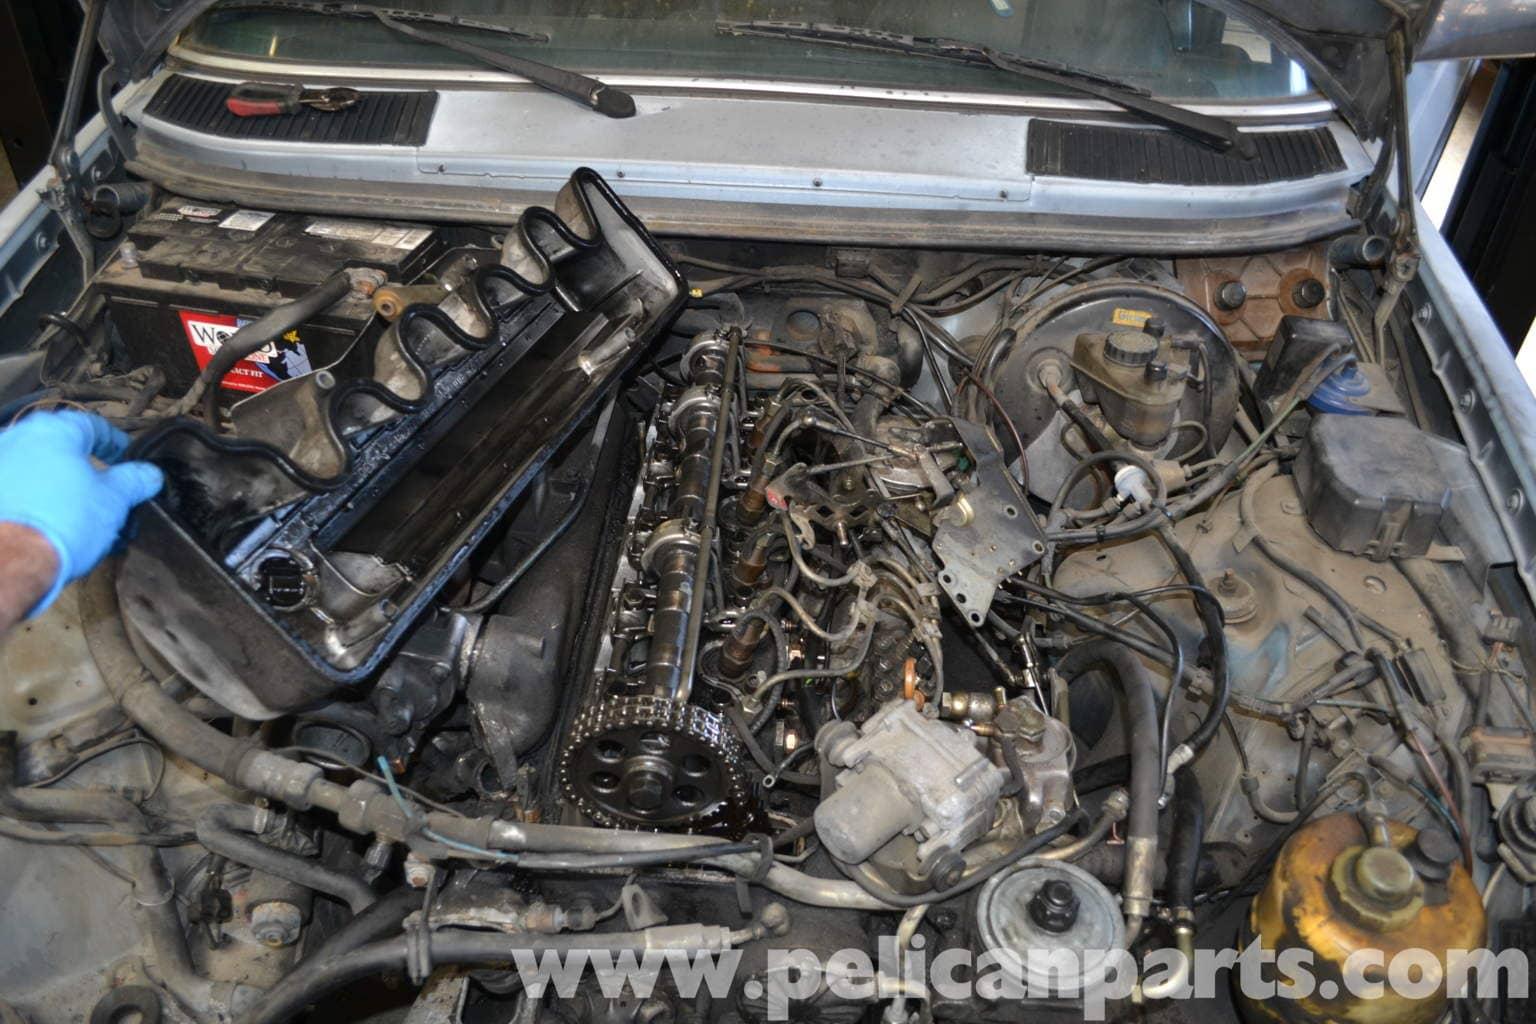 Mercedes benz w123 valve adjustment 300td 1977 1985 for Mercedes benz engine number check